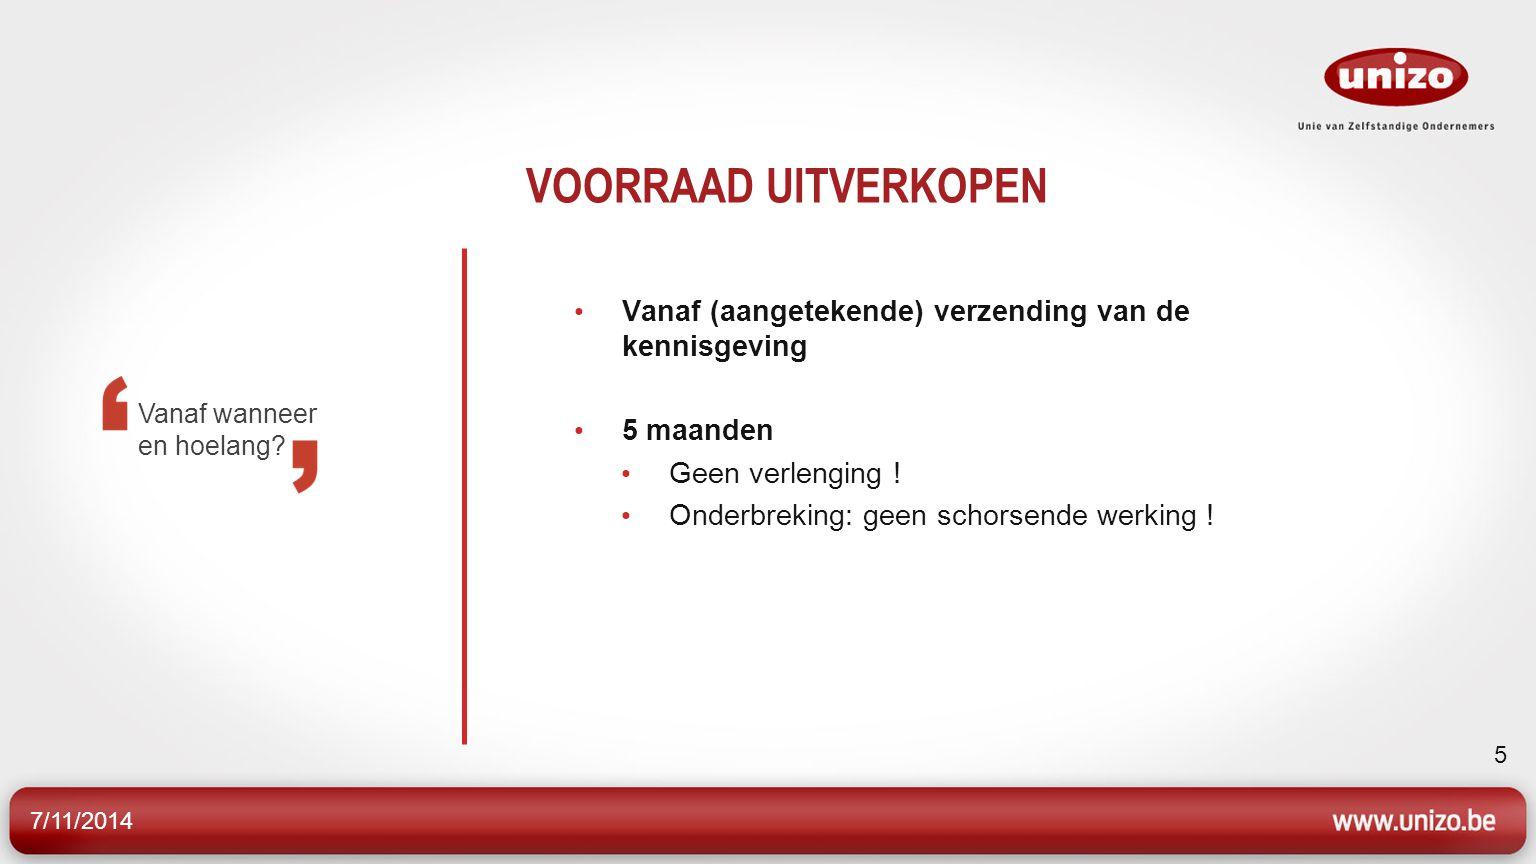 7/11/2014 5 VOORRAAD UITVERKOPEN Vanaf (aangetekende) verzending van de kennisgeving 5 maanden Geen verlenging .